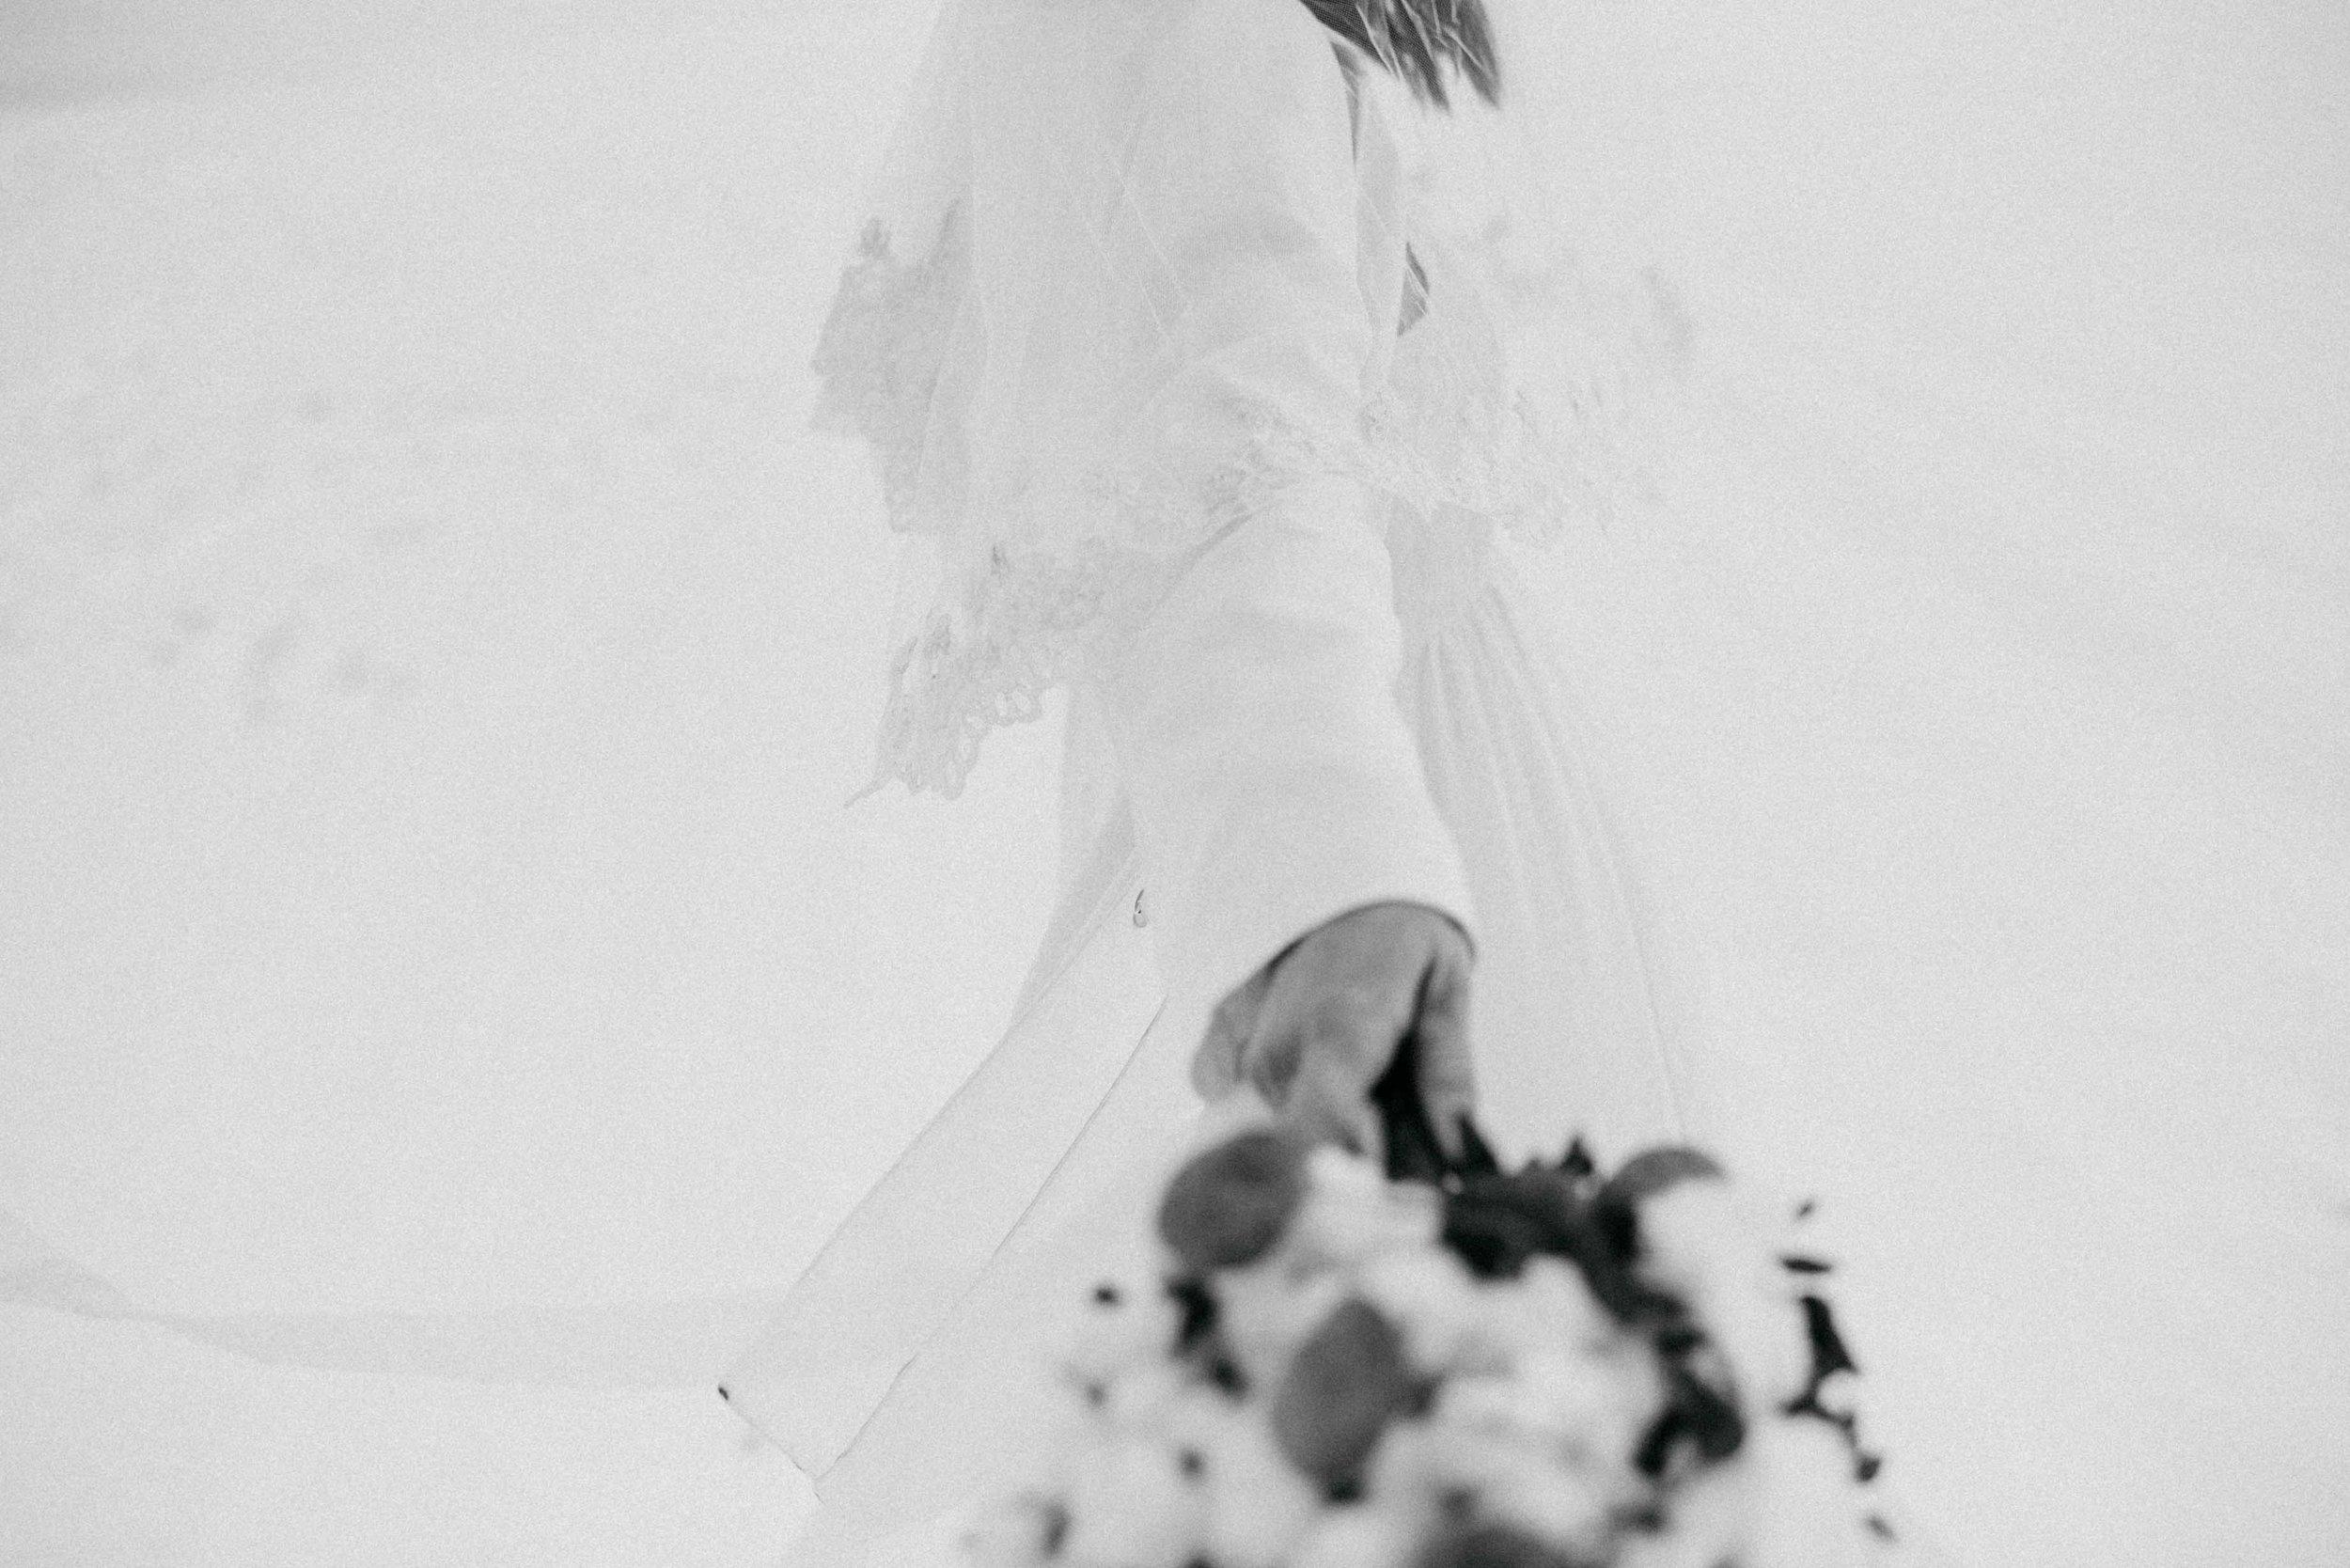 Snow Bride Winterhochzeit Schnne Braut-2904.jpg